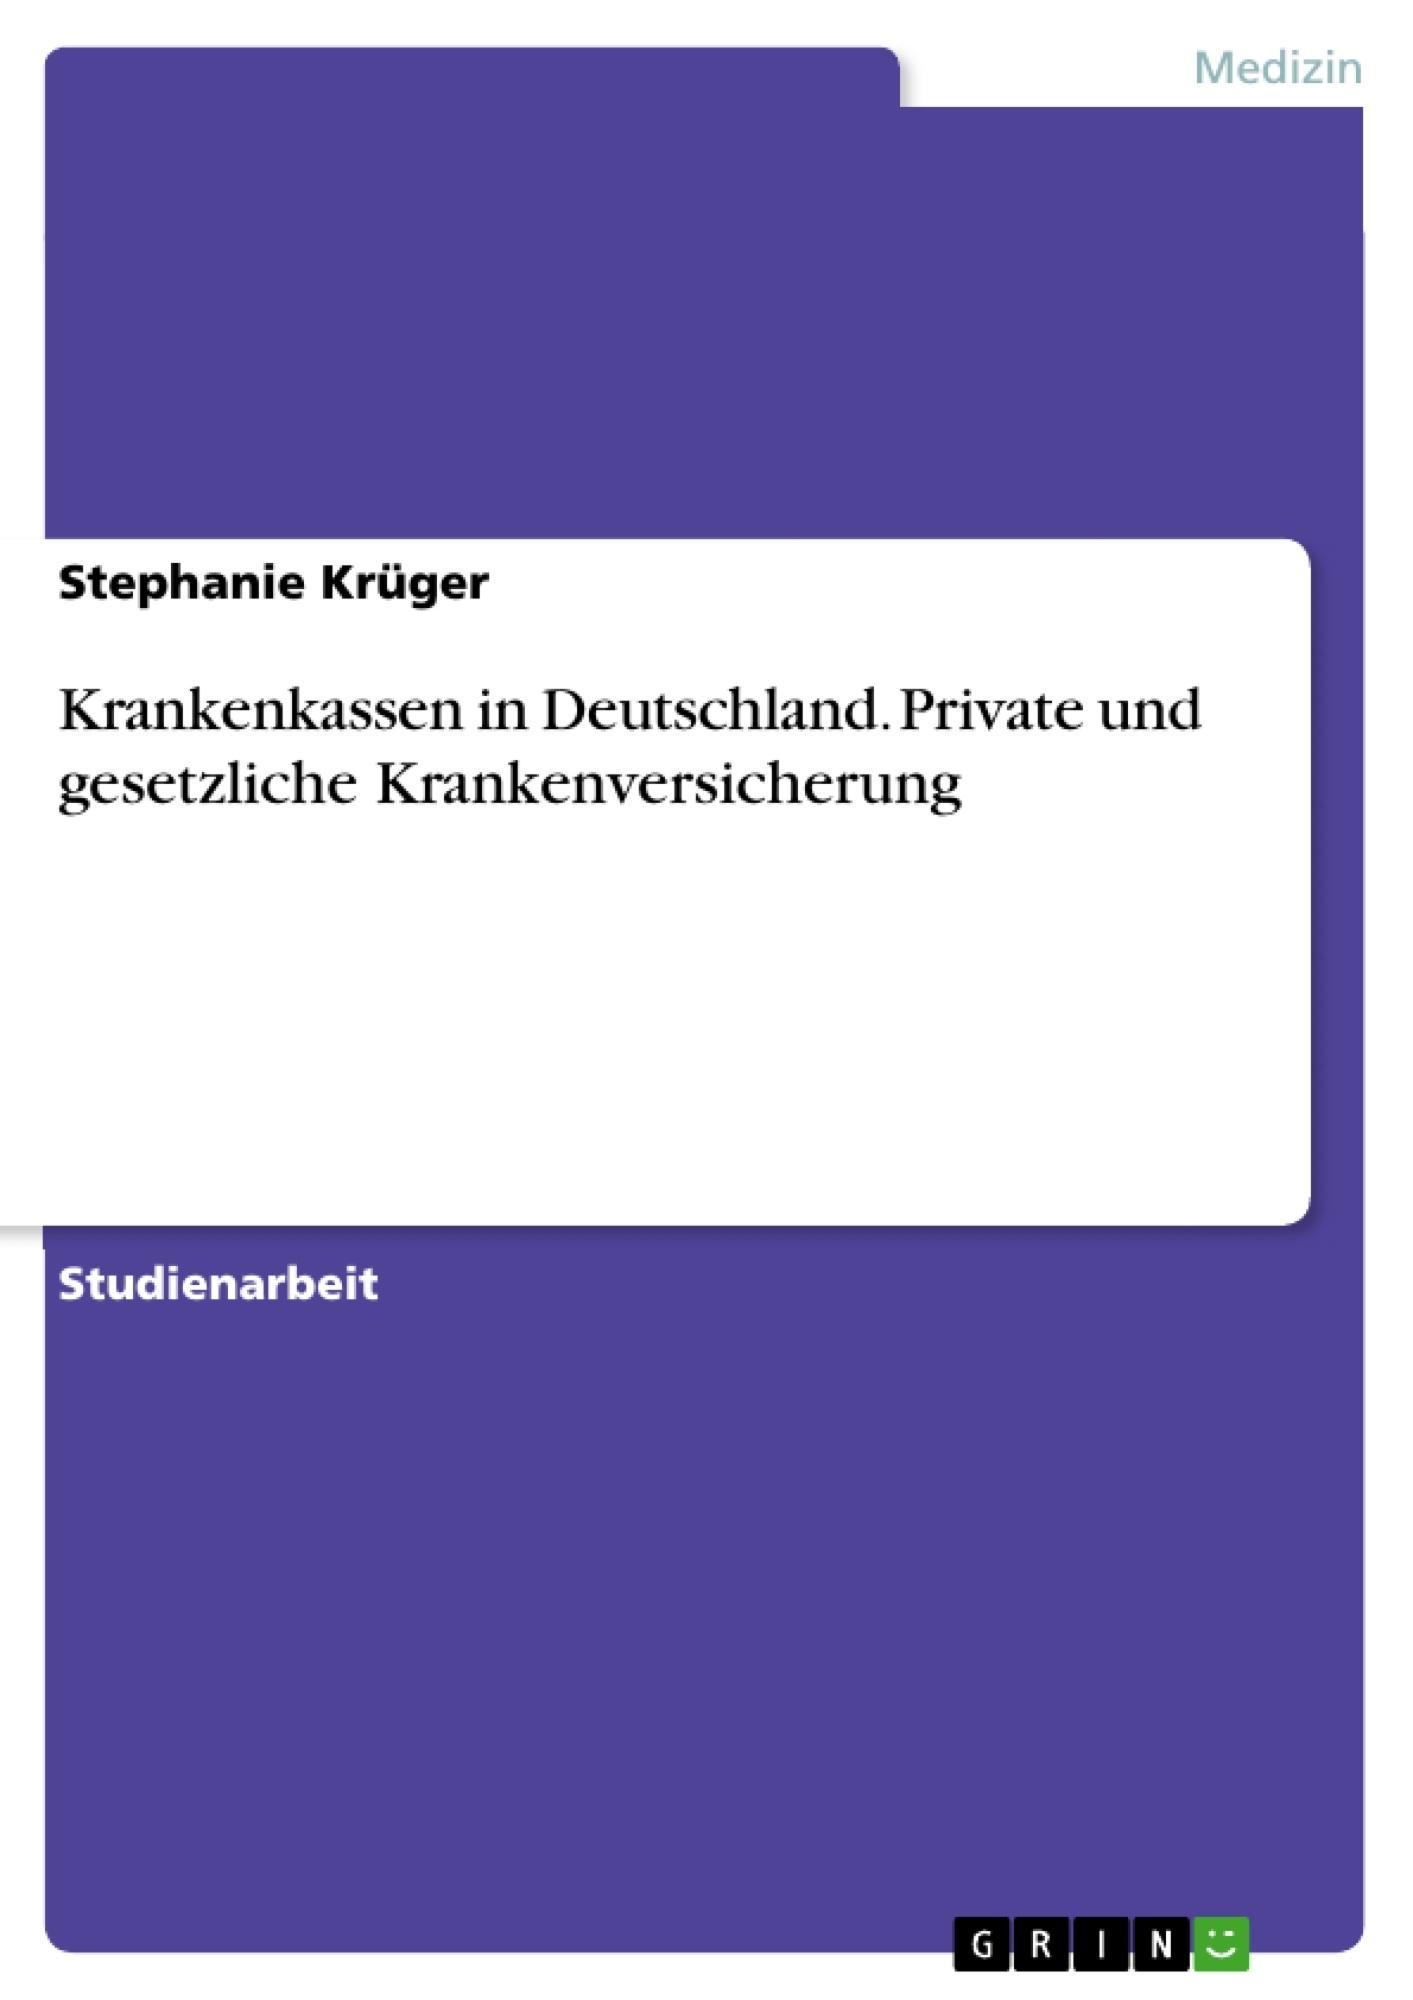 Titel: Krankenkassen in Deutschland. Private und gesetzliche Krankenversicherung